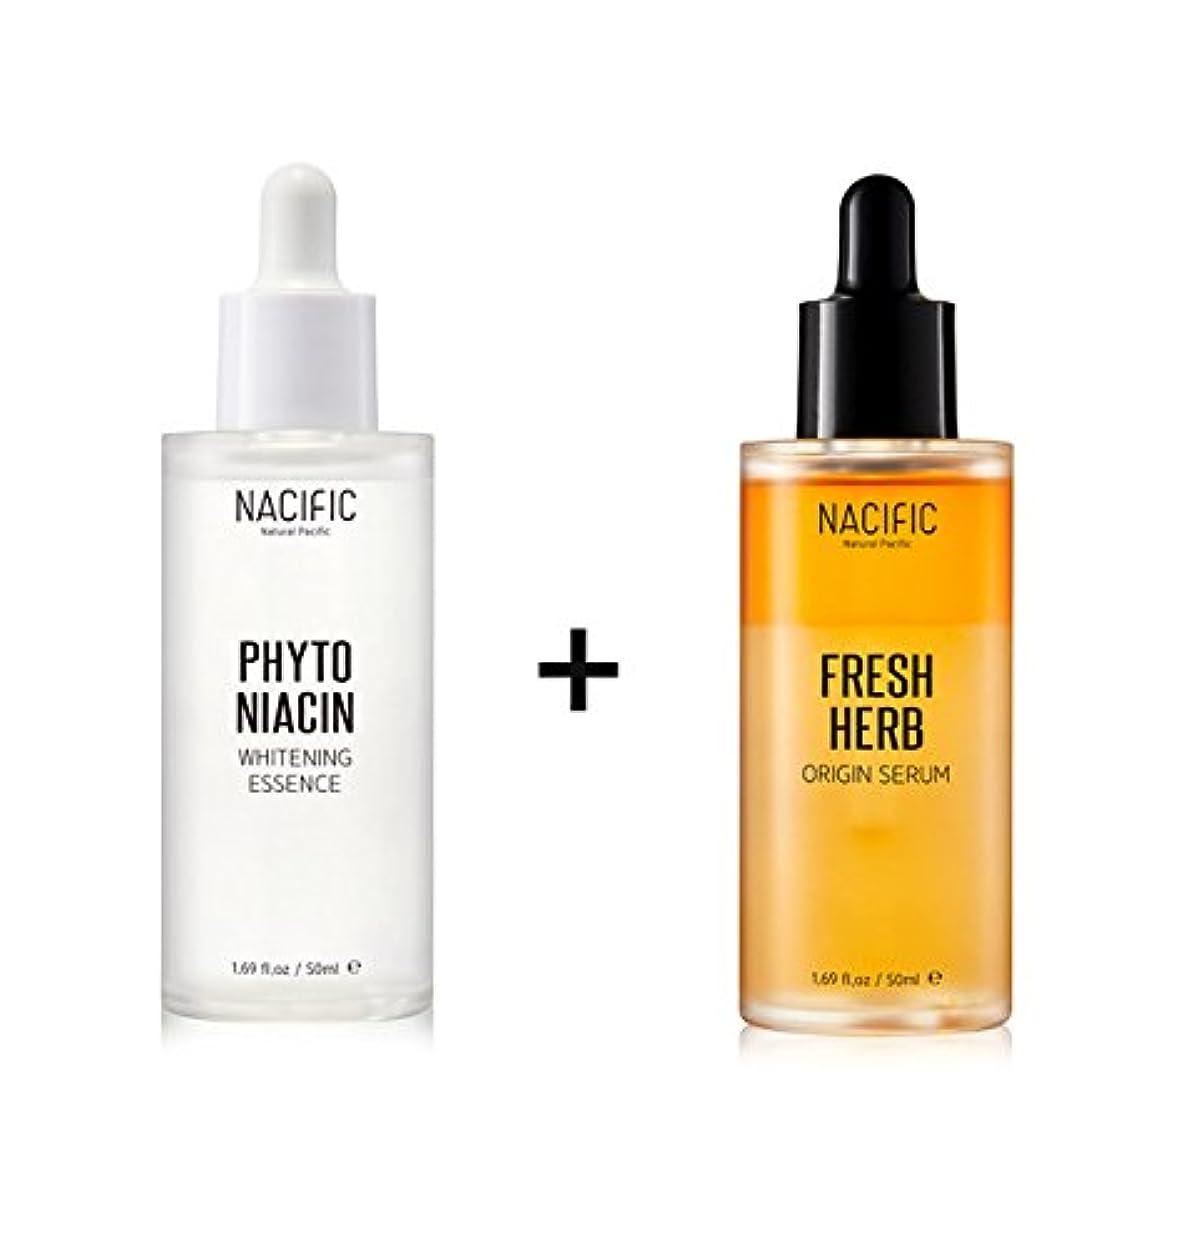 主婦遅れバケツ[Renewal] NACIFIC Fresh Herb Origin Serum 50ml + Phyto Niacin Whitening Essence 50ml/ナシフィック フレッシュ ハーブ オリジン セラム...